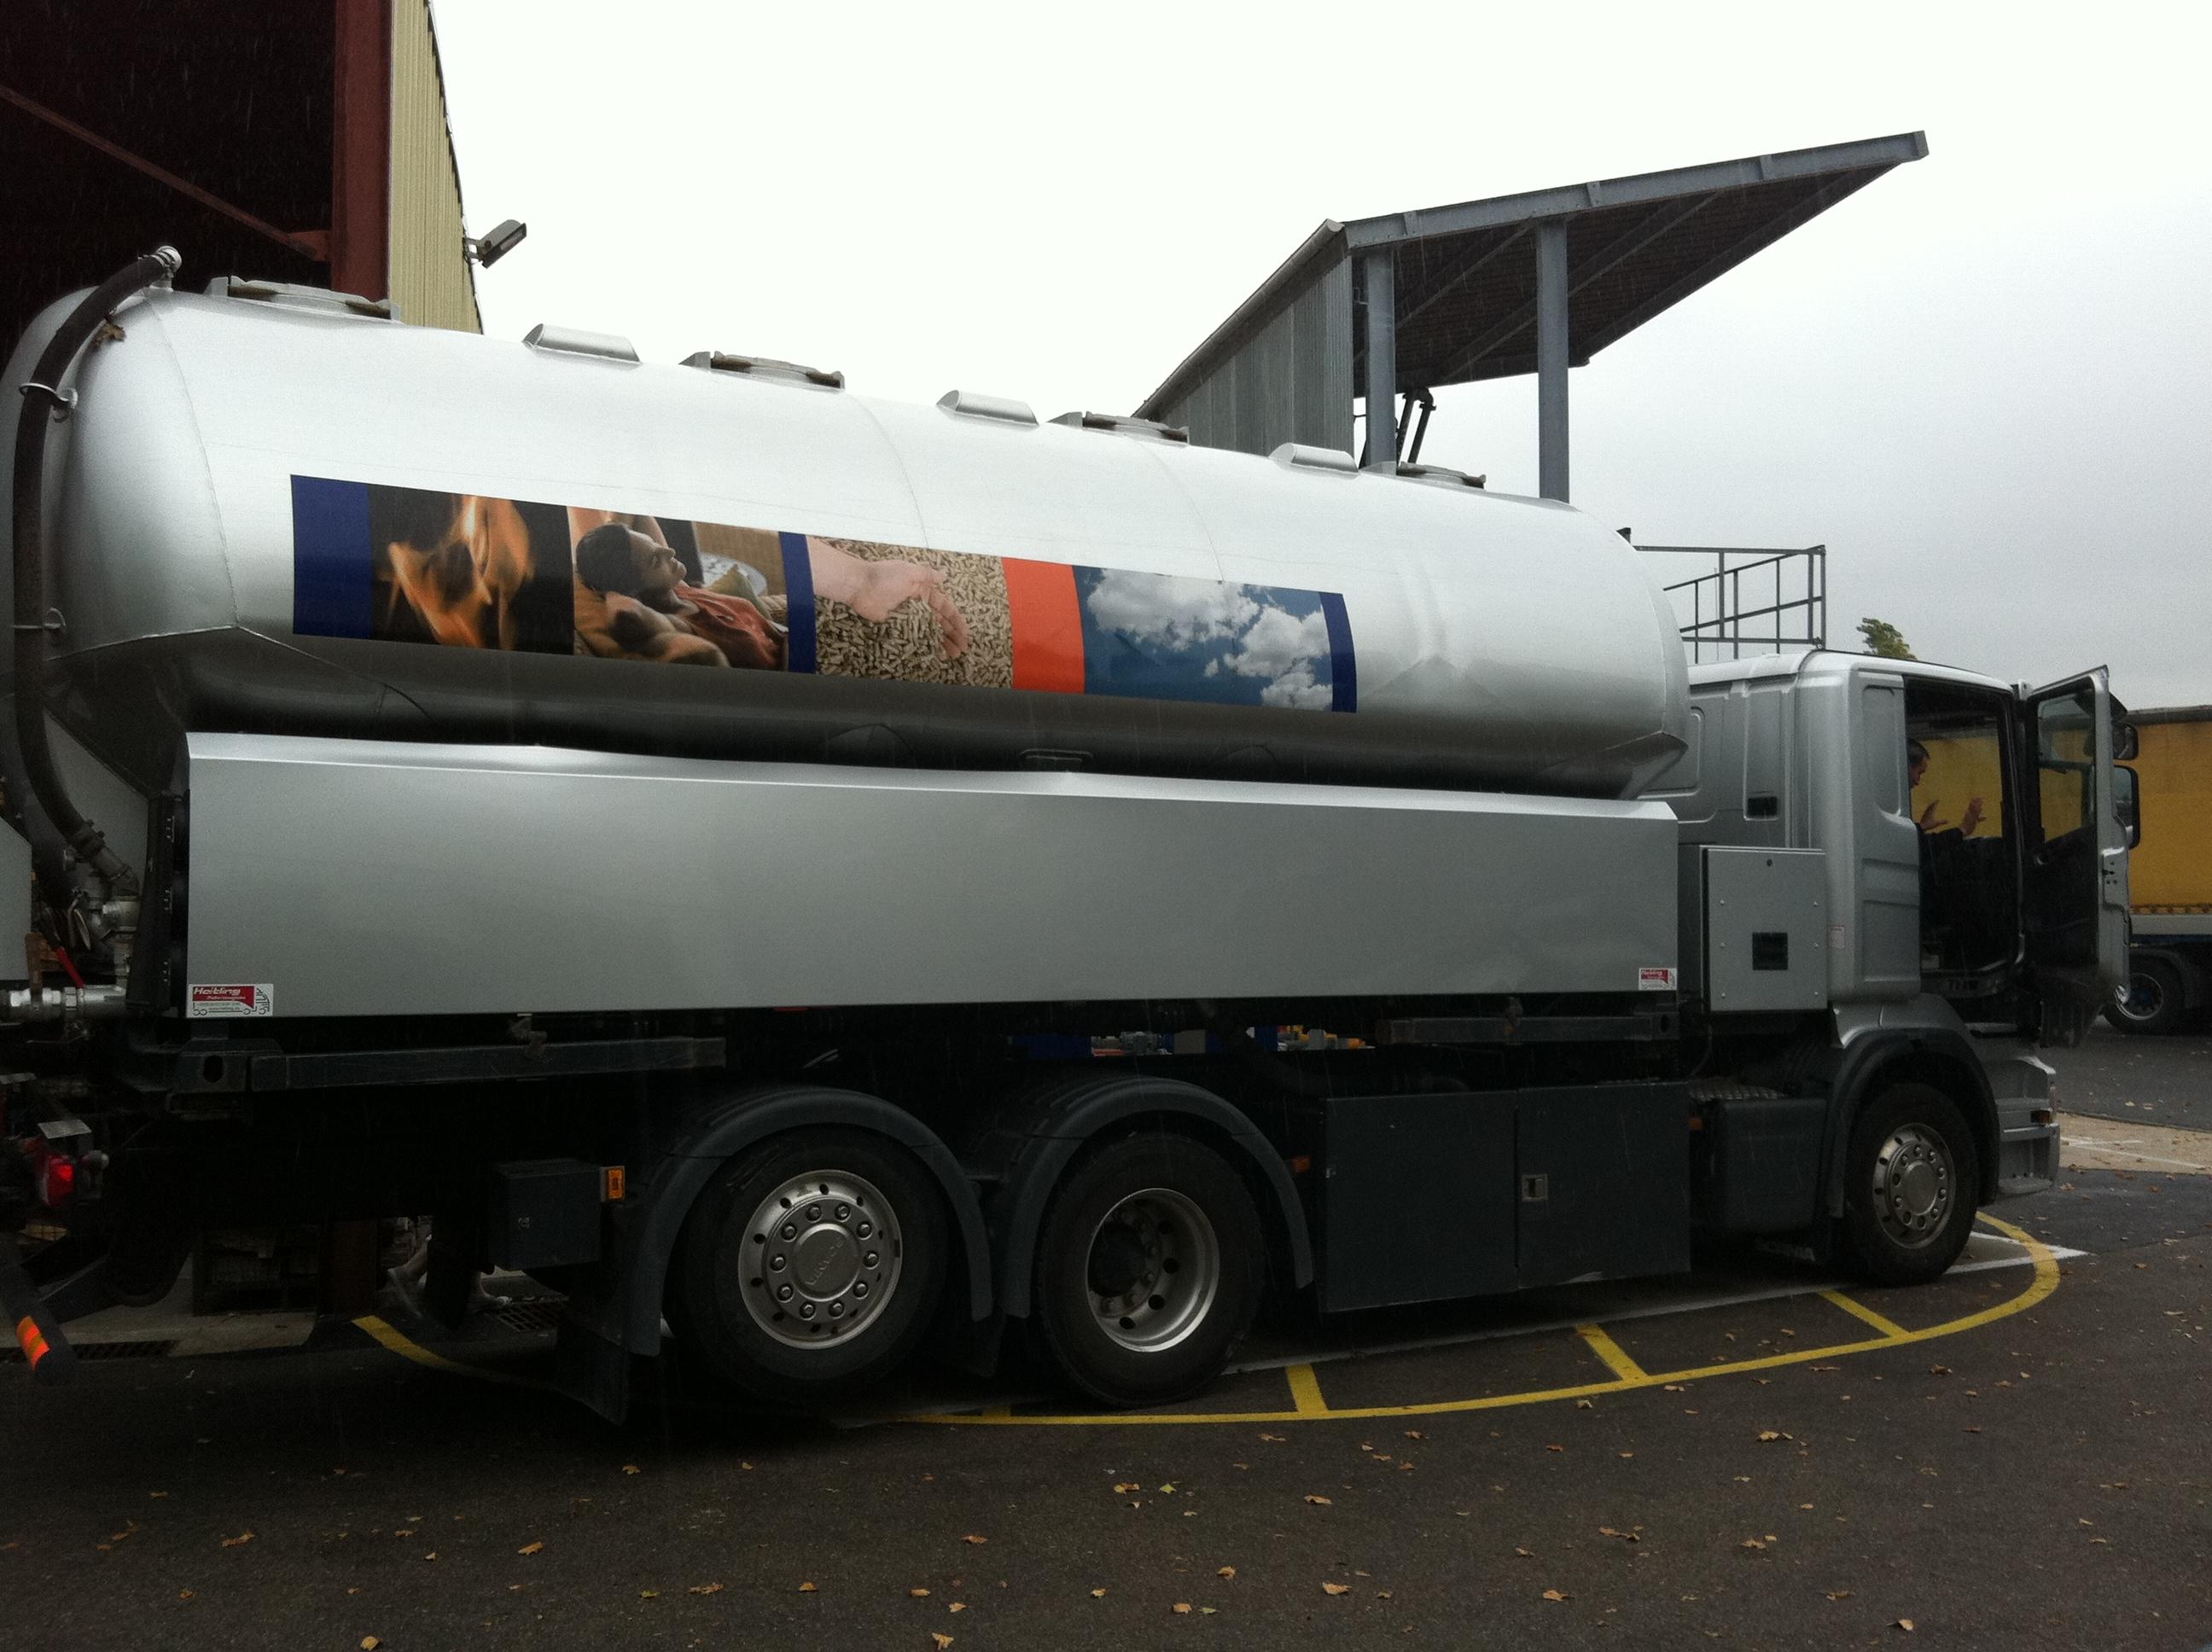 Nouveau camion de granul s de bois en vrac cpe bardout for Vente de bois flotte en vrac